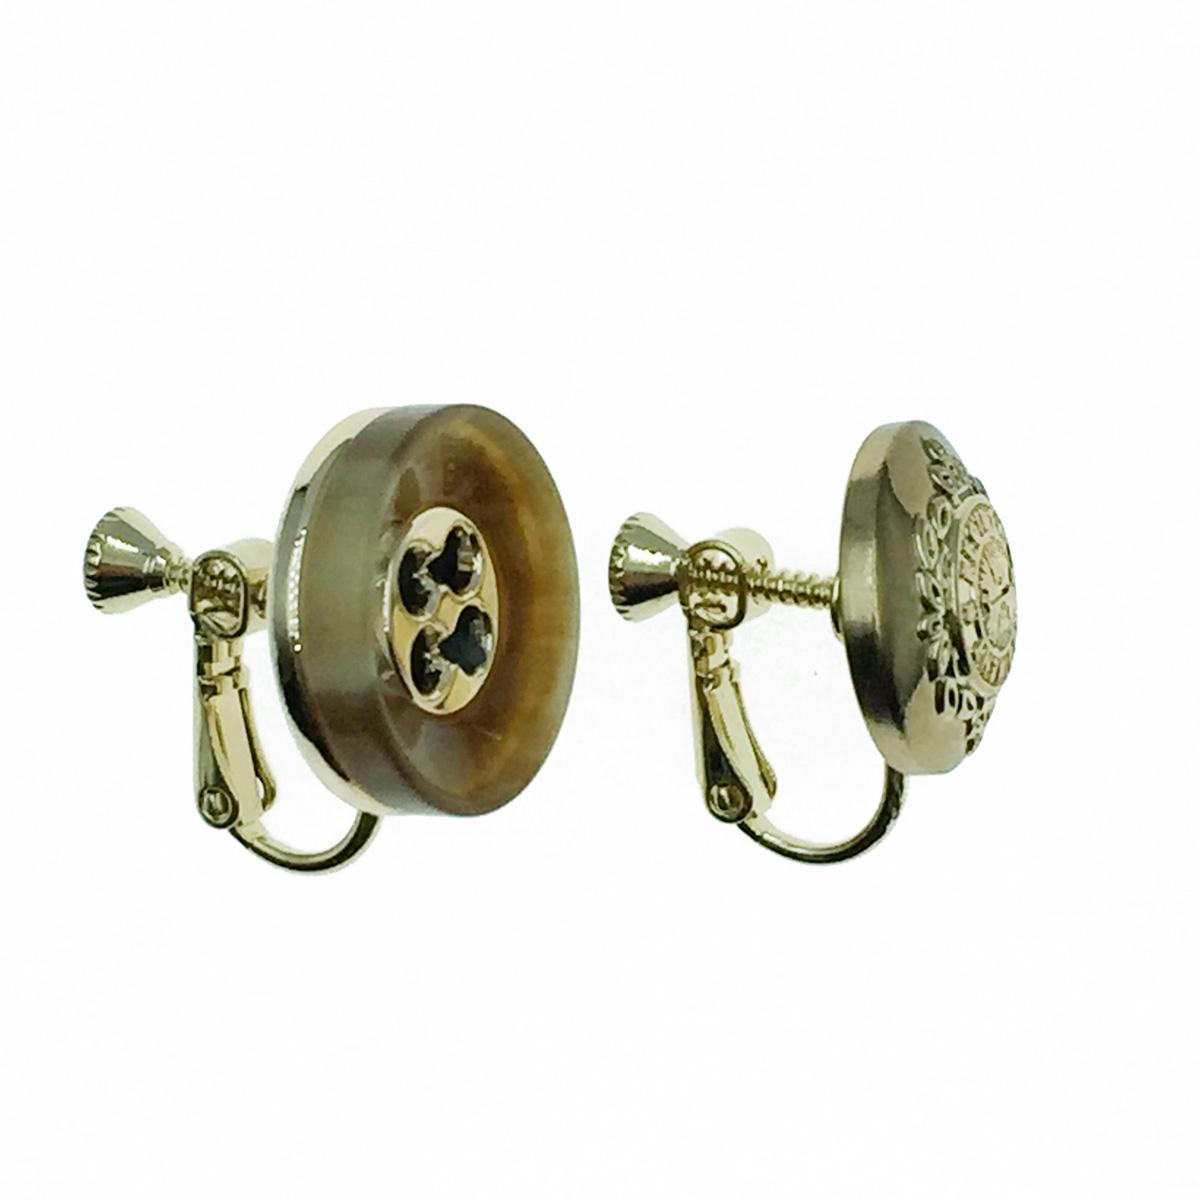 韓國 不對稱 復古風 鈕扣造型 夾式耳環